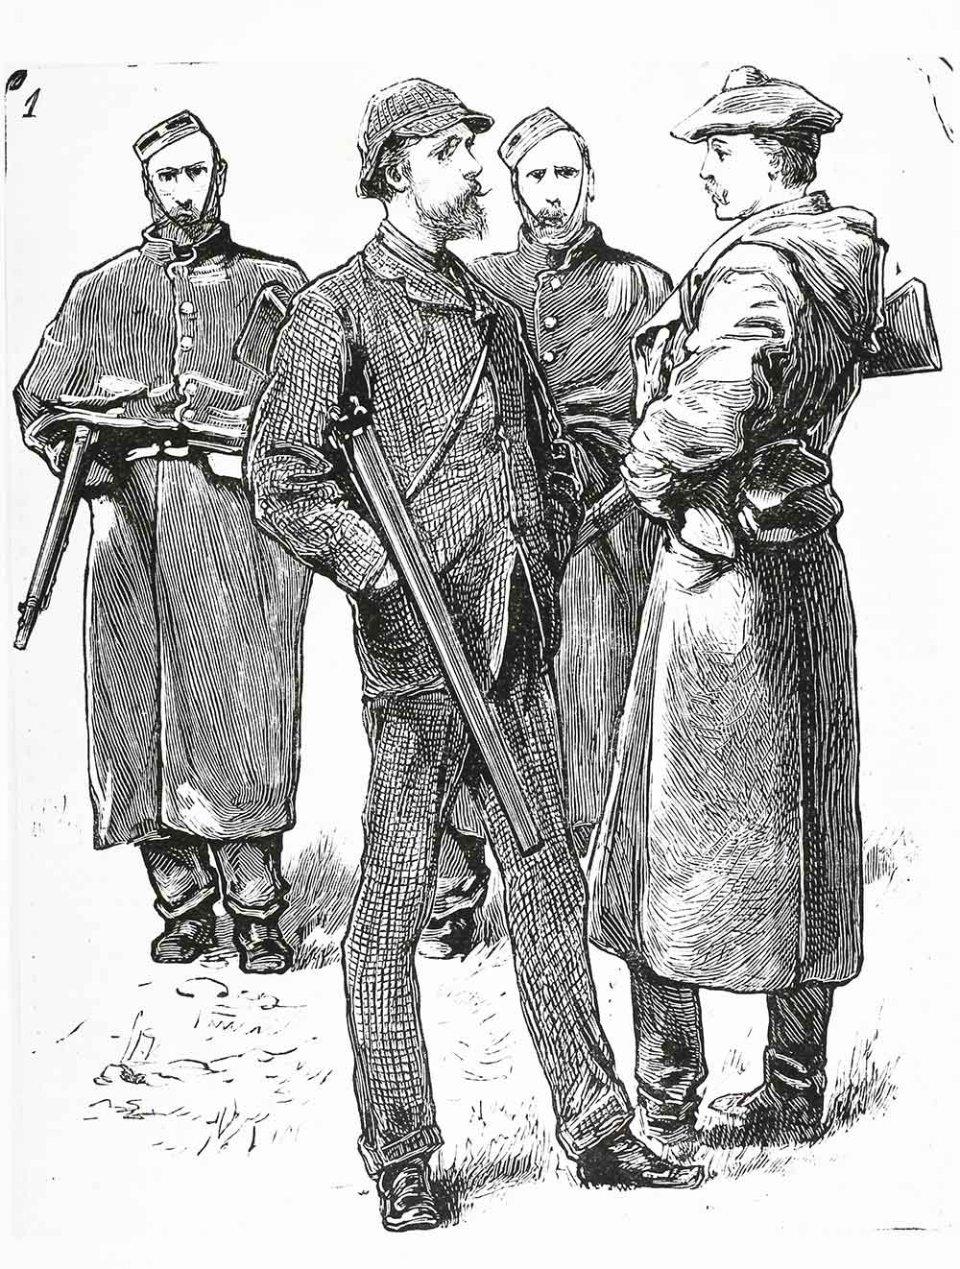 Капітан Бойкот з поліцейським ескортом. Газетна ілюстрація, 1880 рік / GettyImages